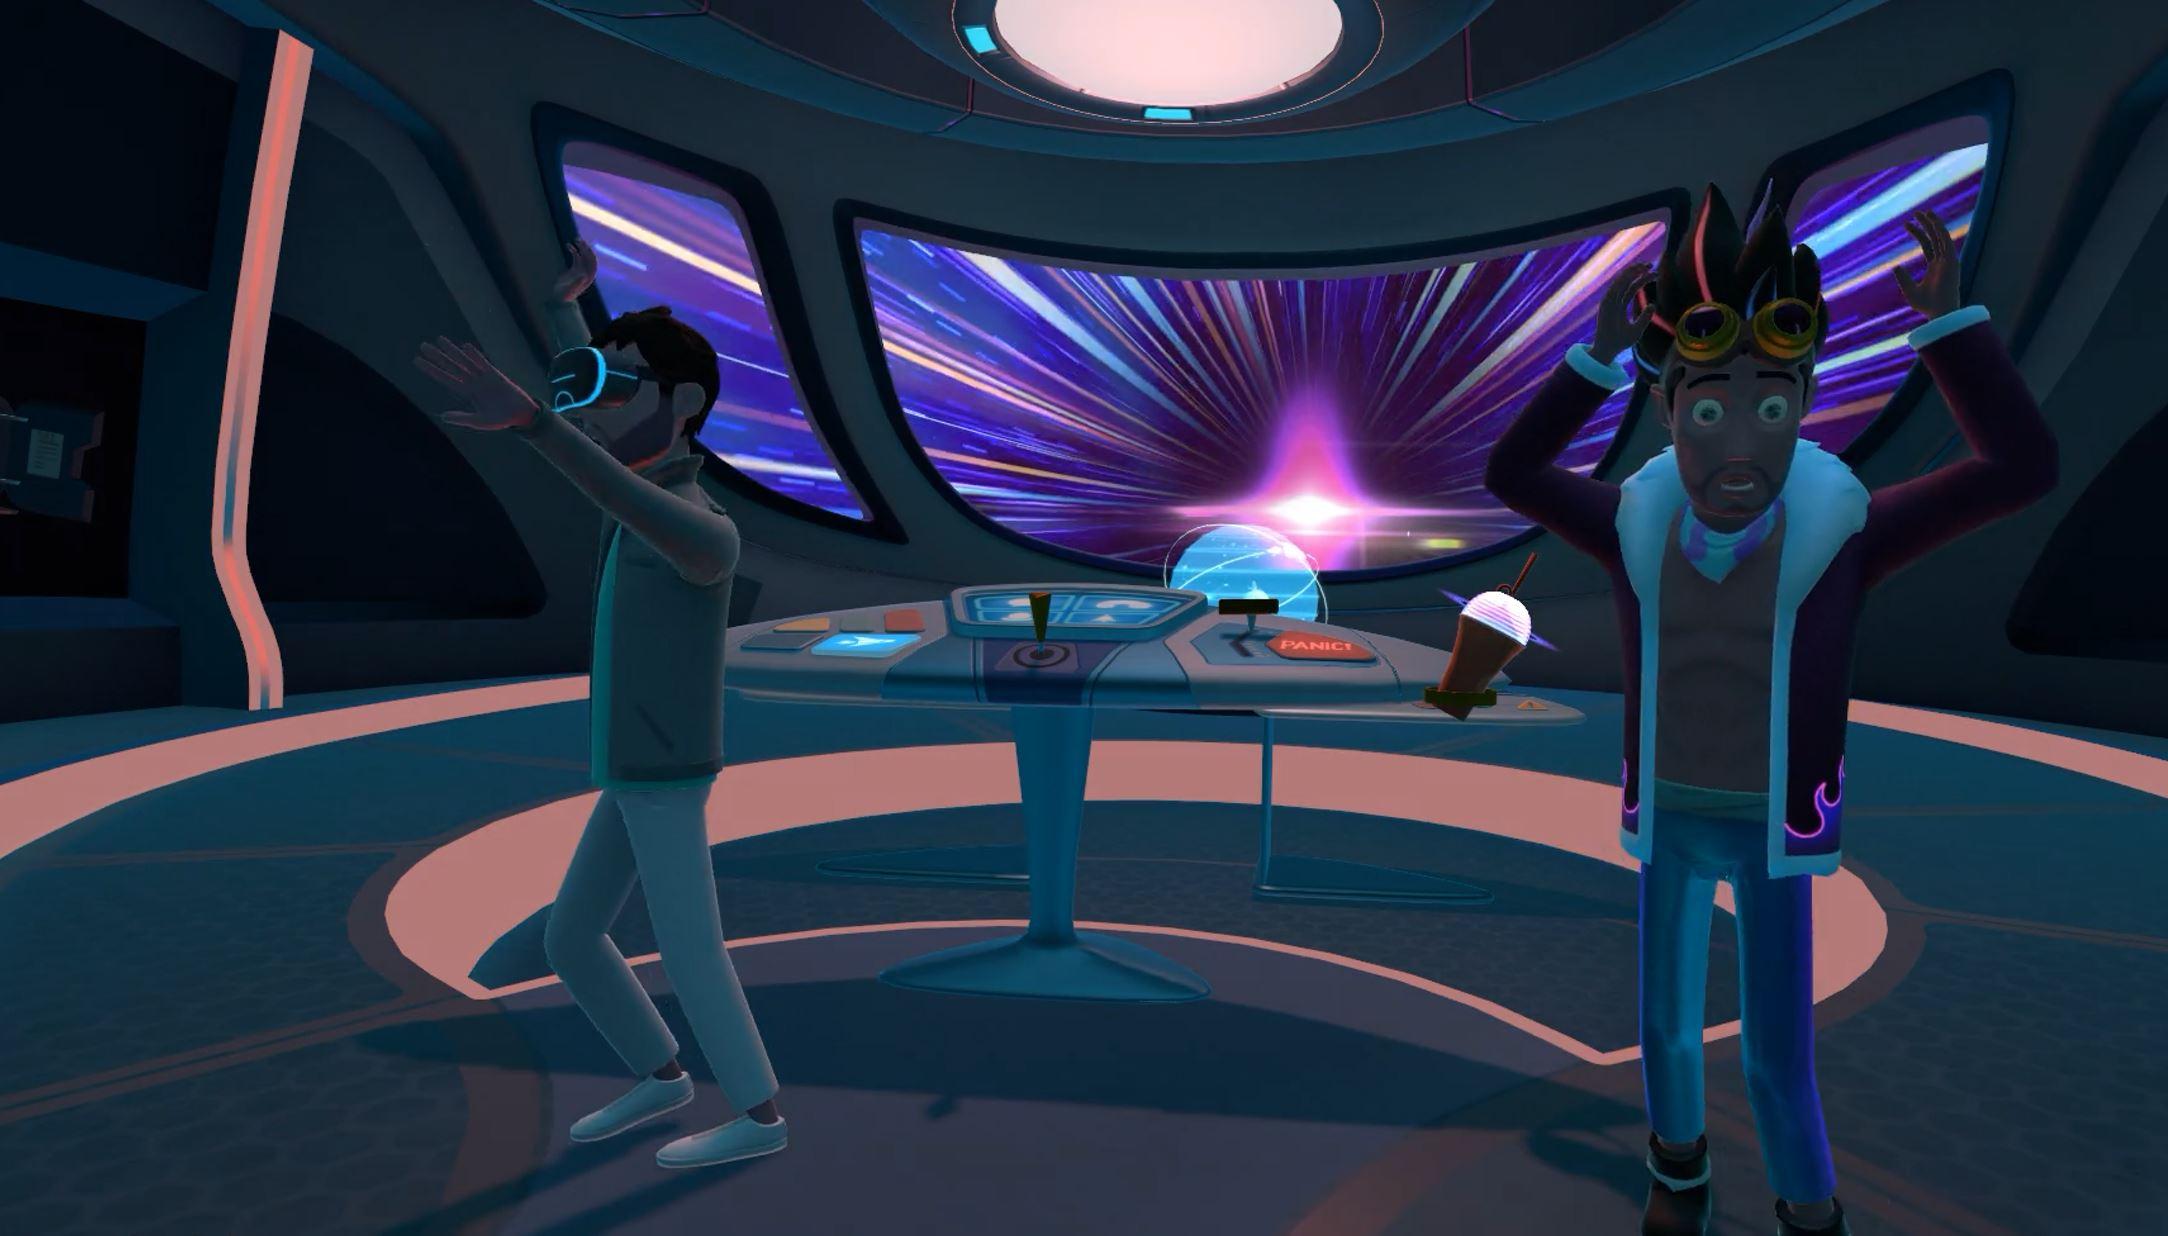 VR Wochennews #04 mit Vive Focus, Beat Saber PSVR, MRTV und dem Gewinner von Astro Bot